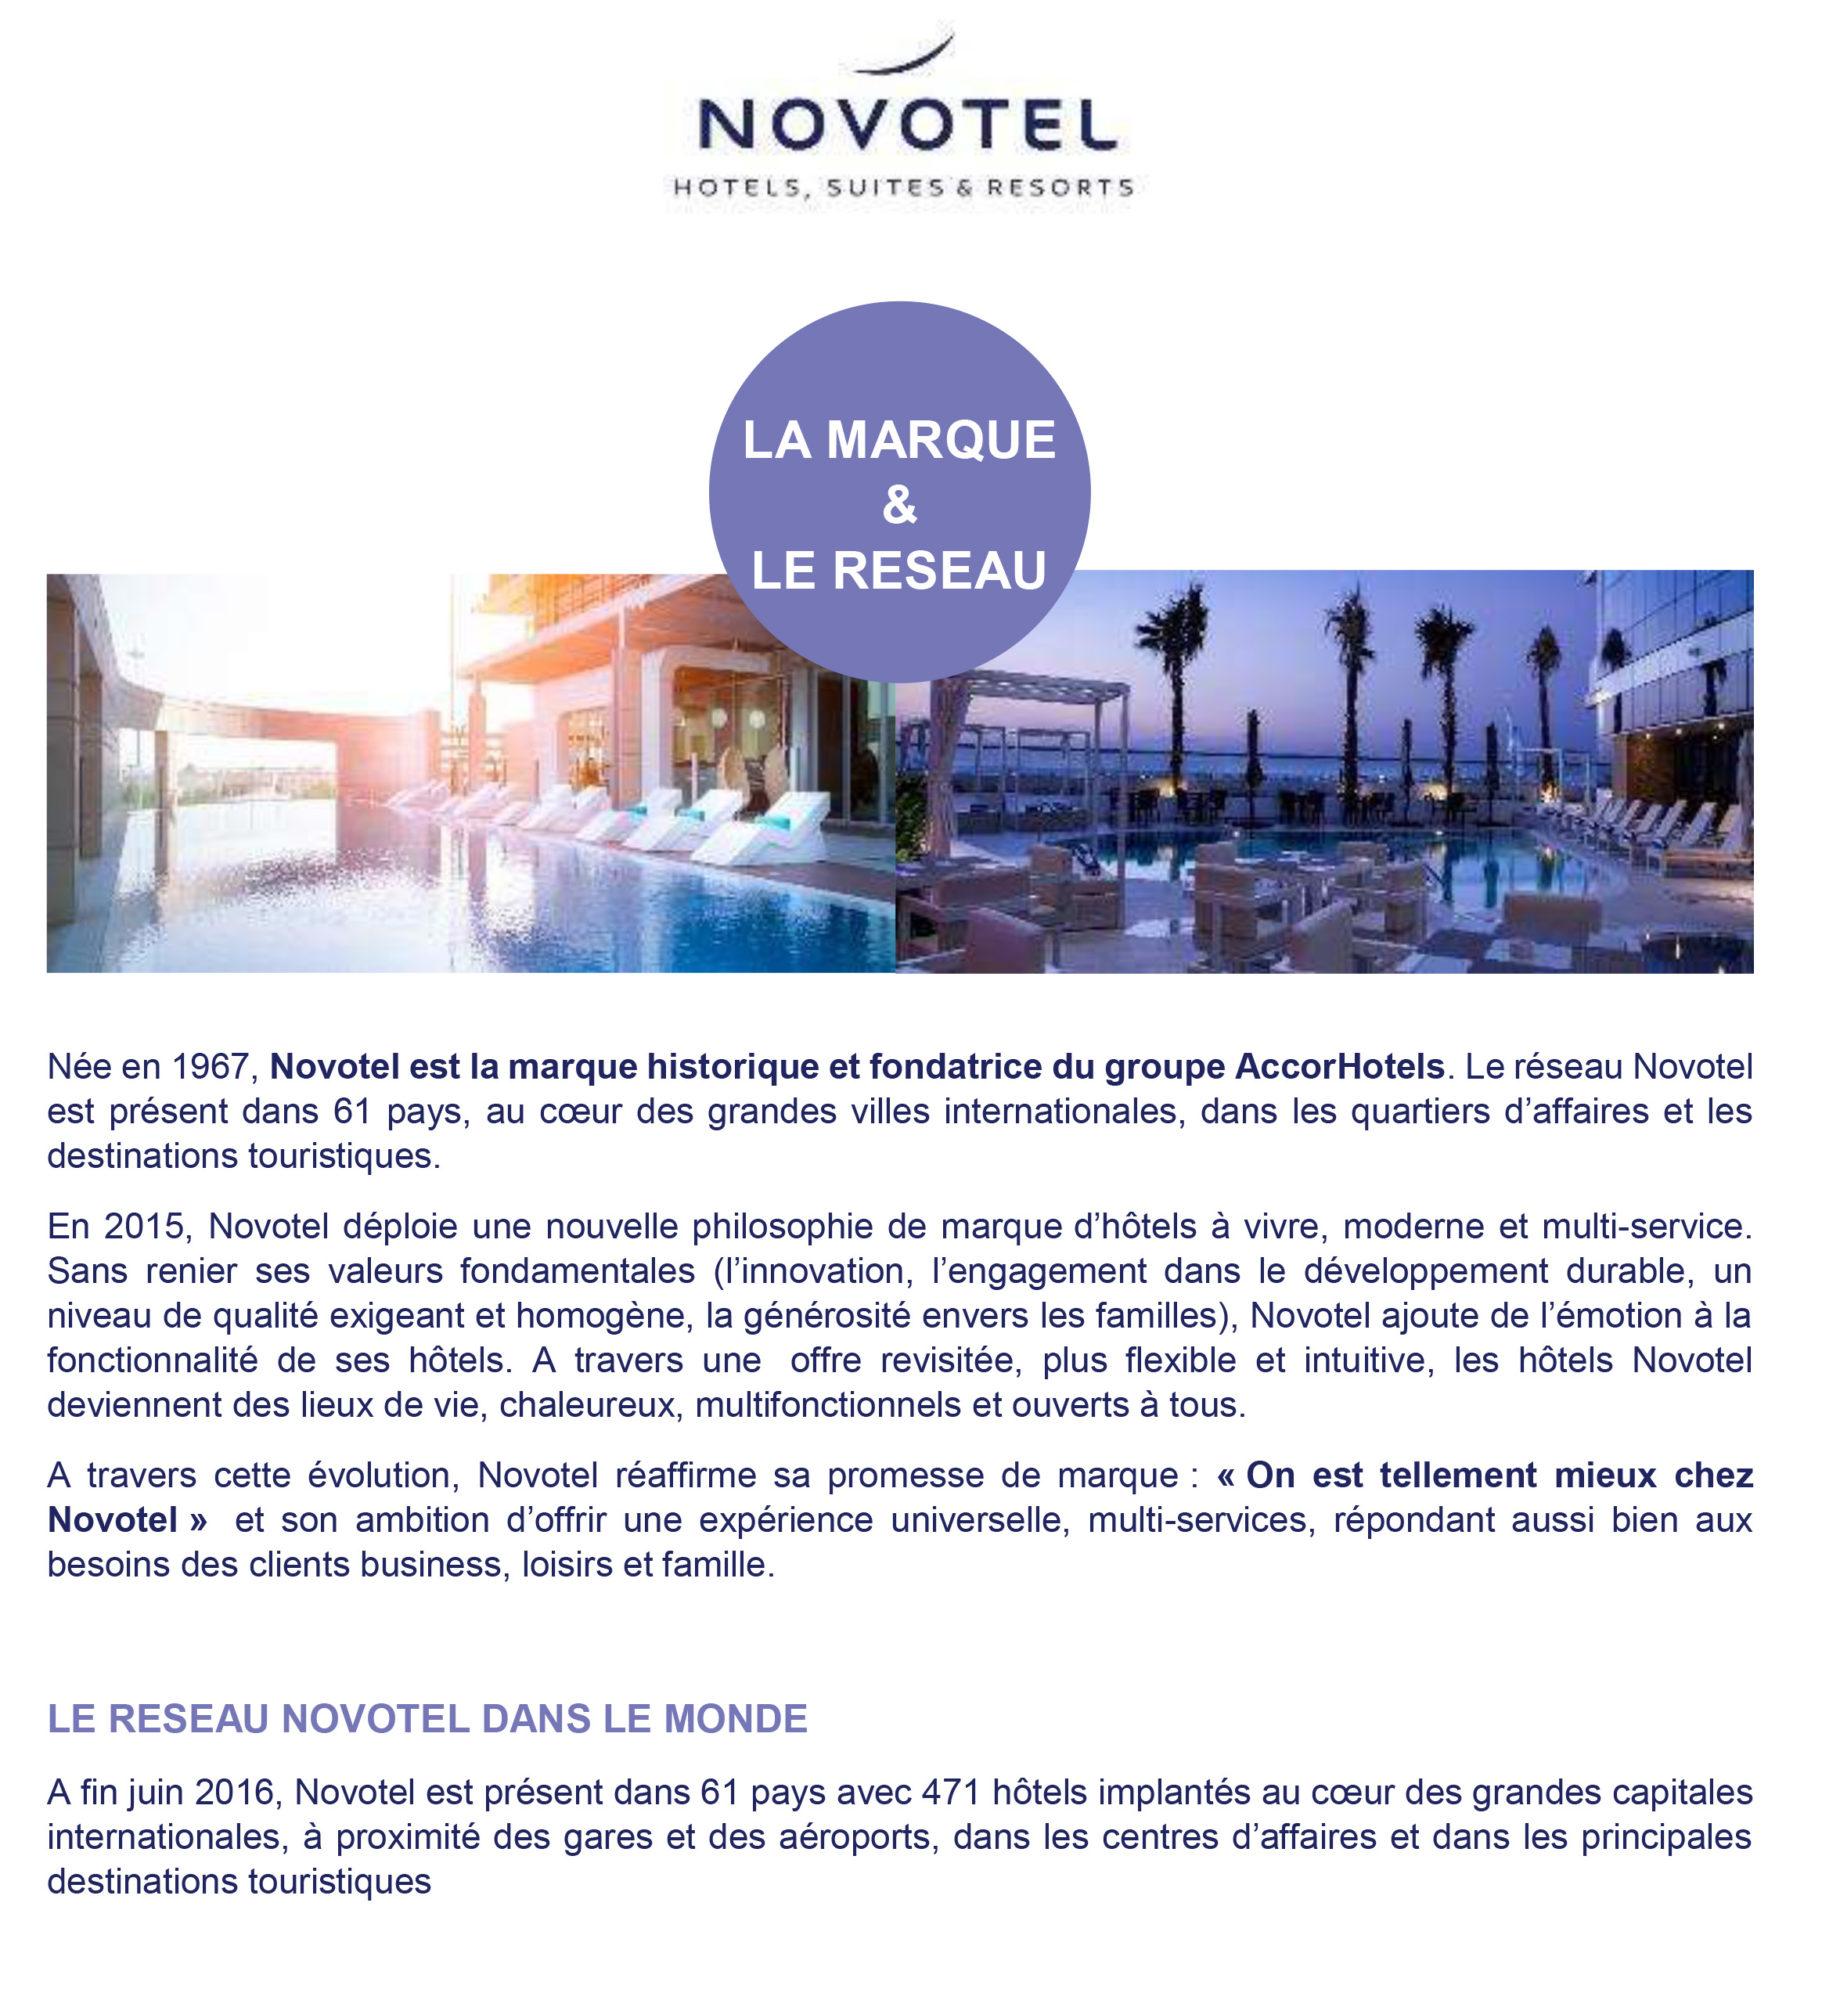 Novotel in figures